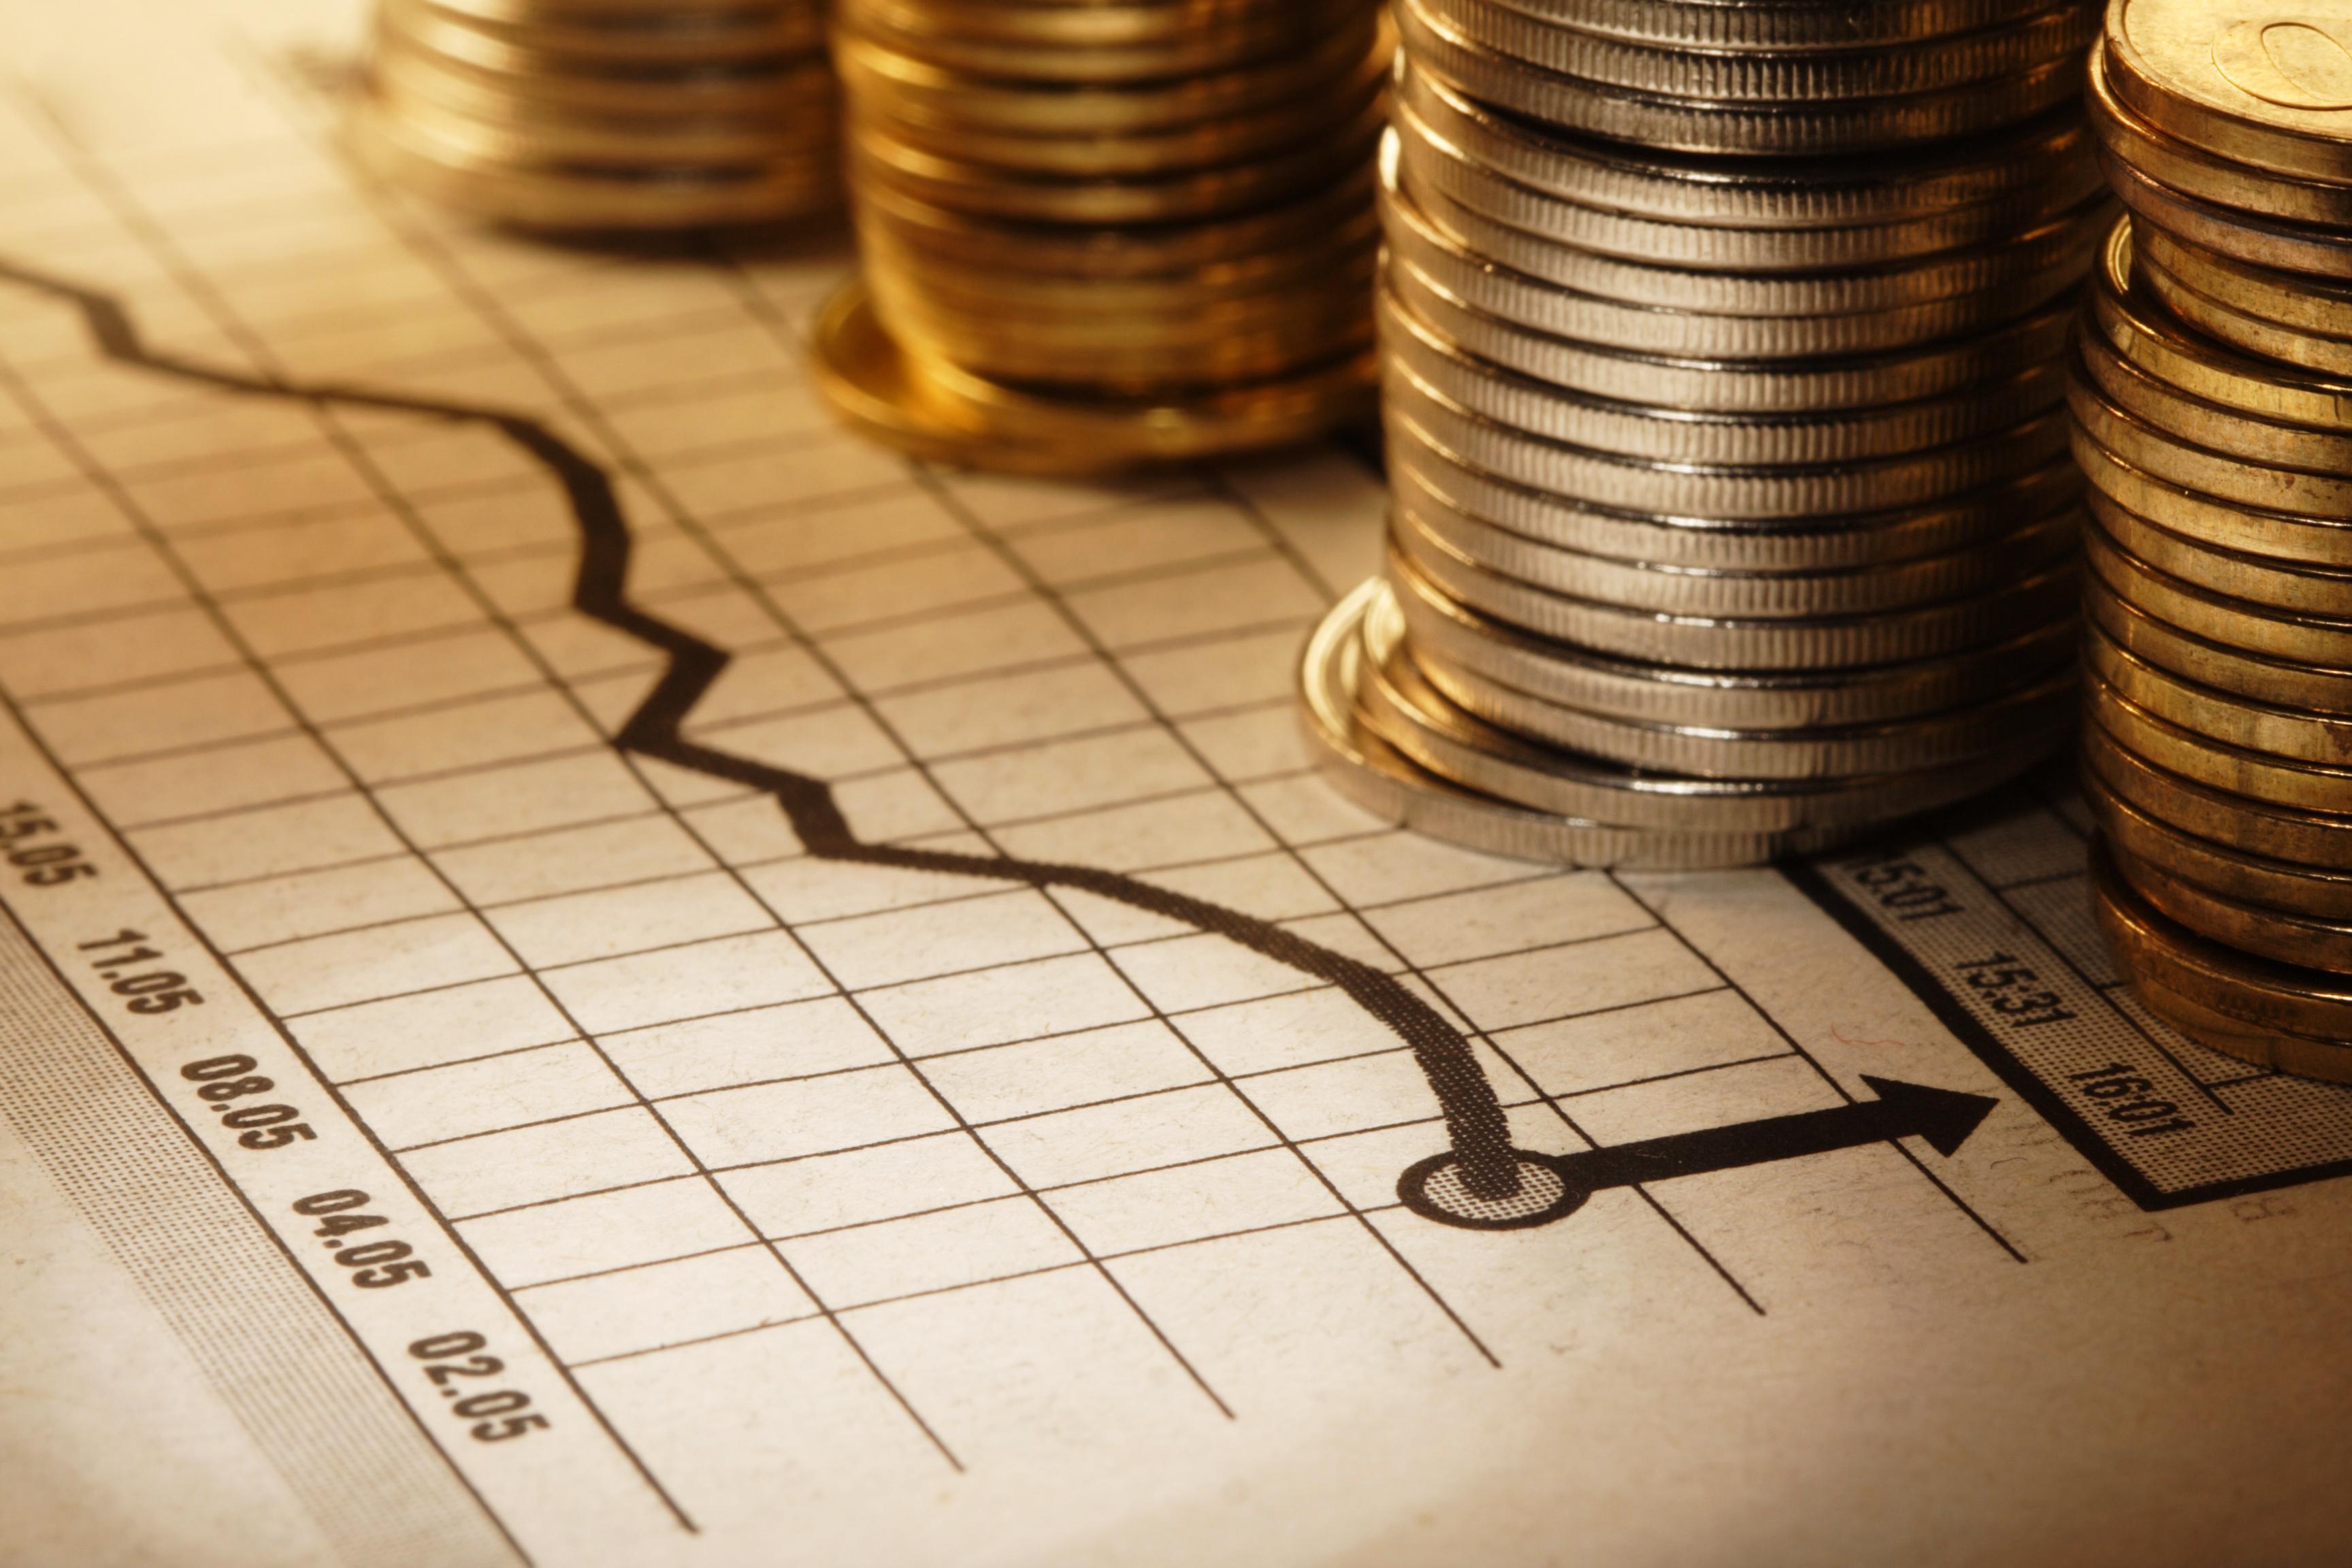 البنوك الإماراتية تزيد أرباحها عن العام 2015 بنسبة 6%